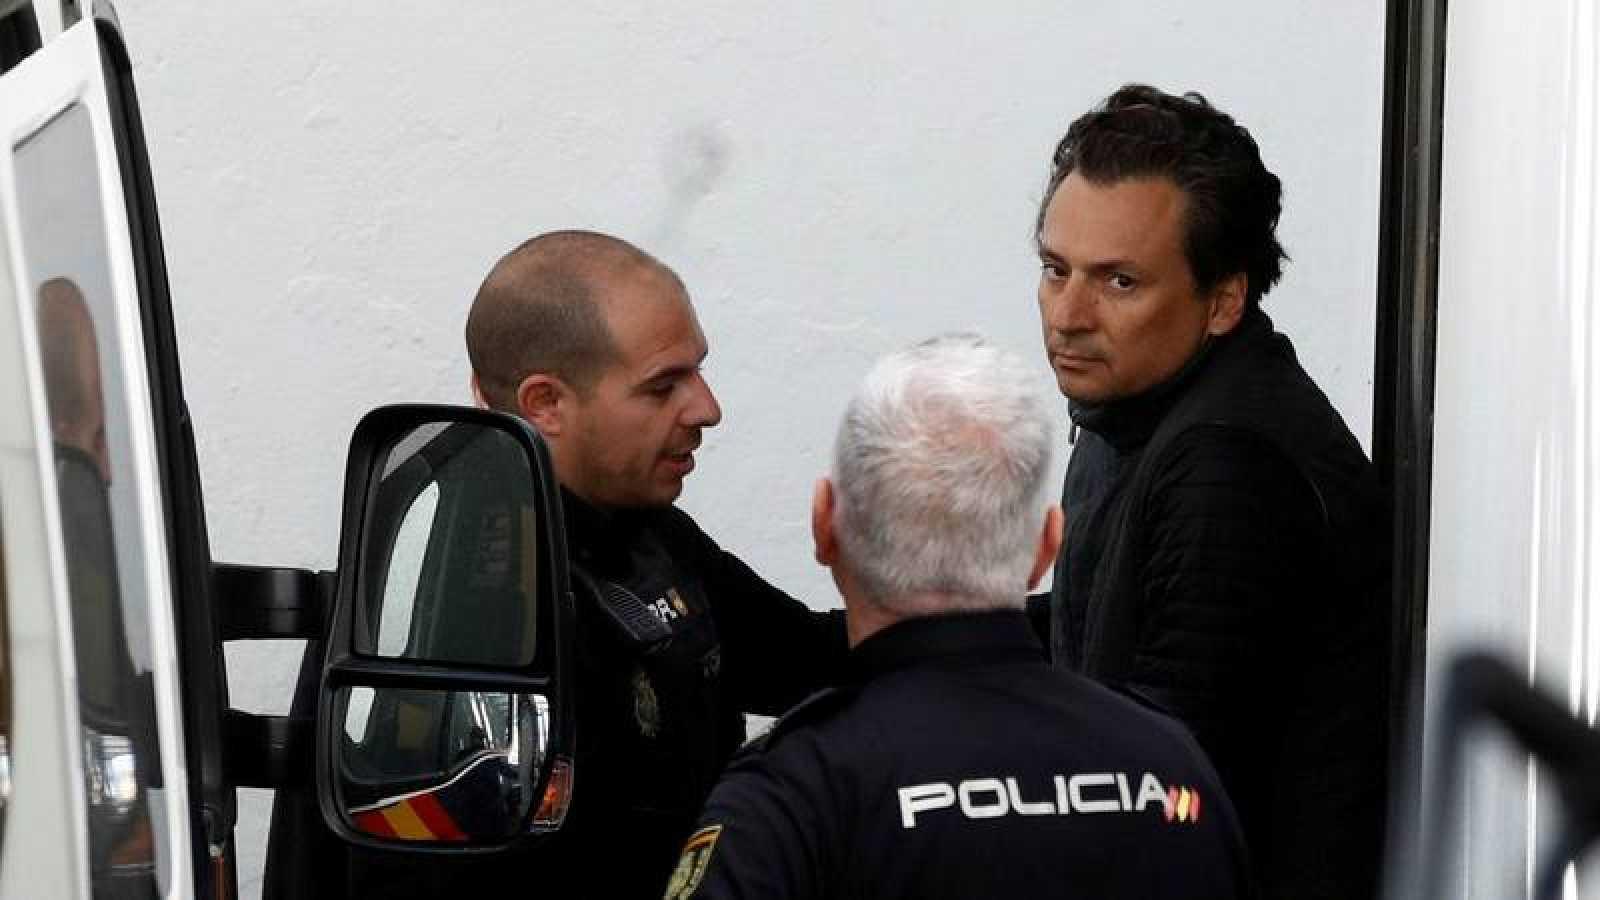 La Audiencia Nacional acuerda la extradición a México del exdirector general de PEMEX Emilio Lozoya